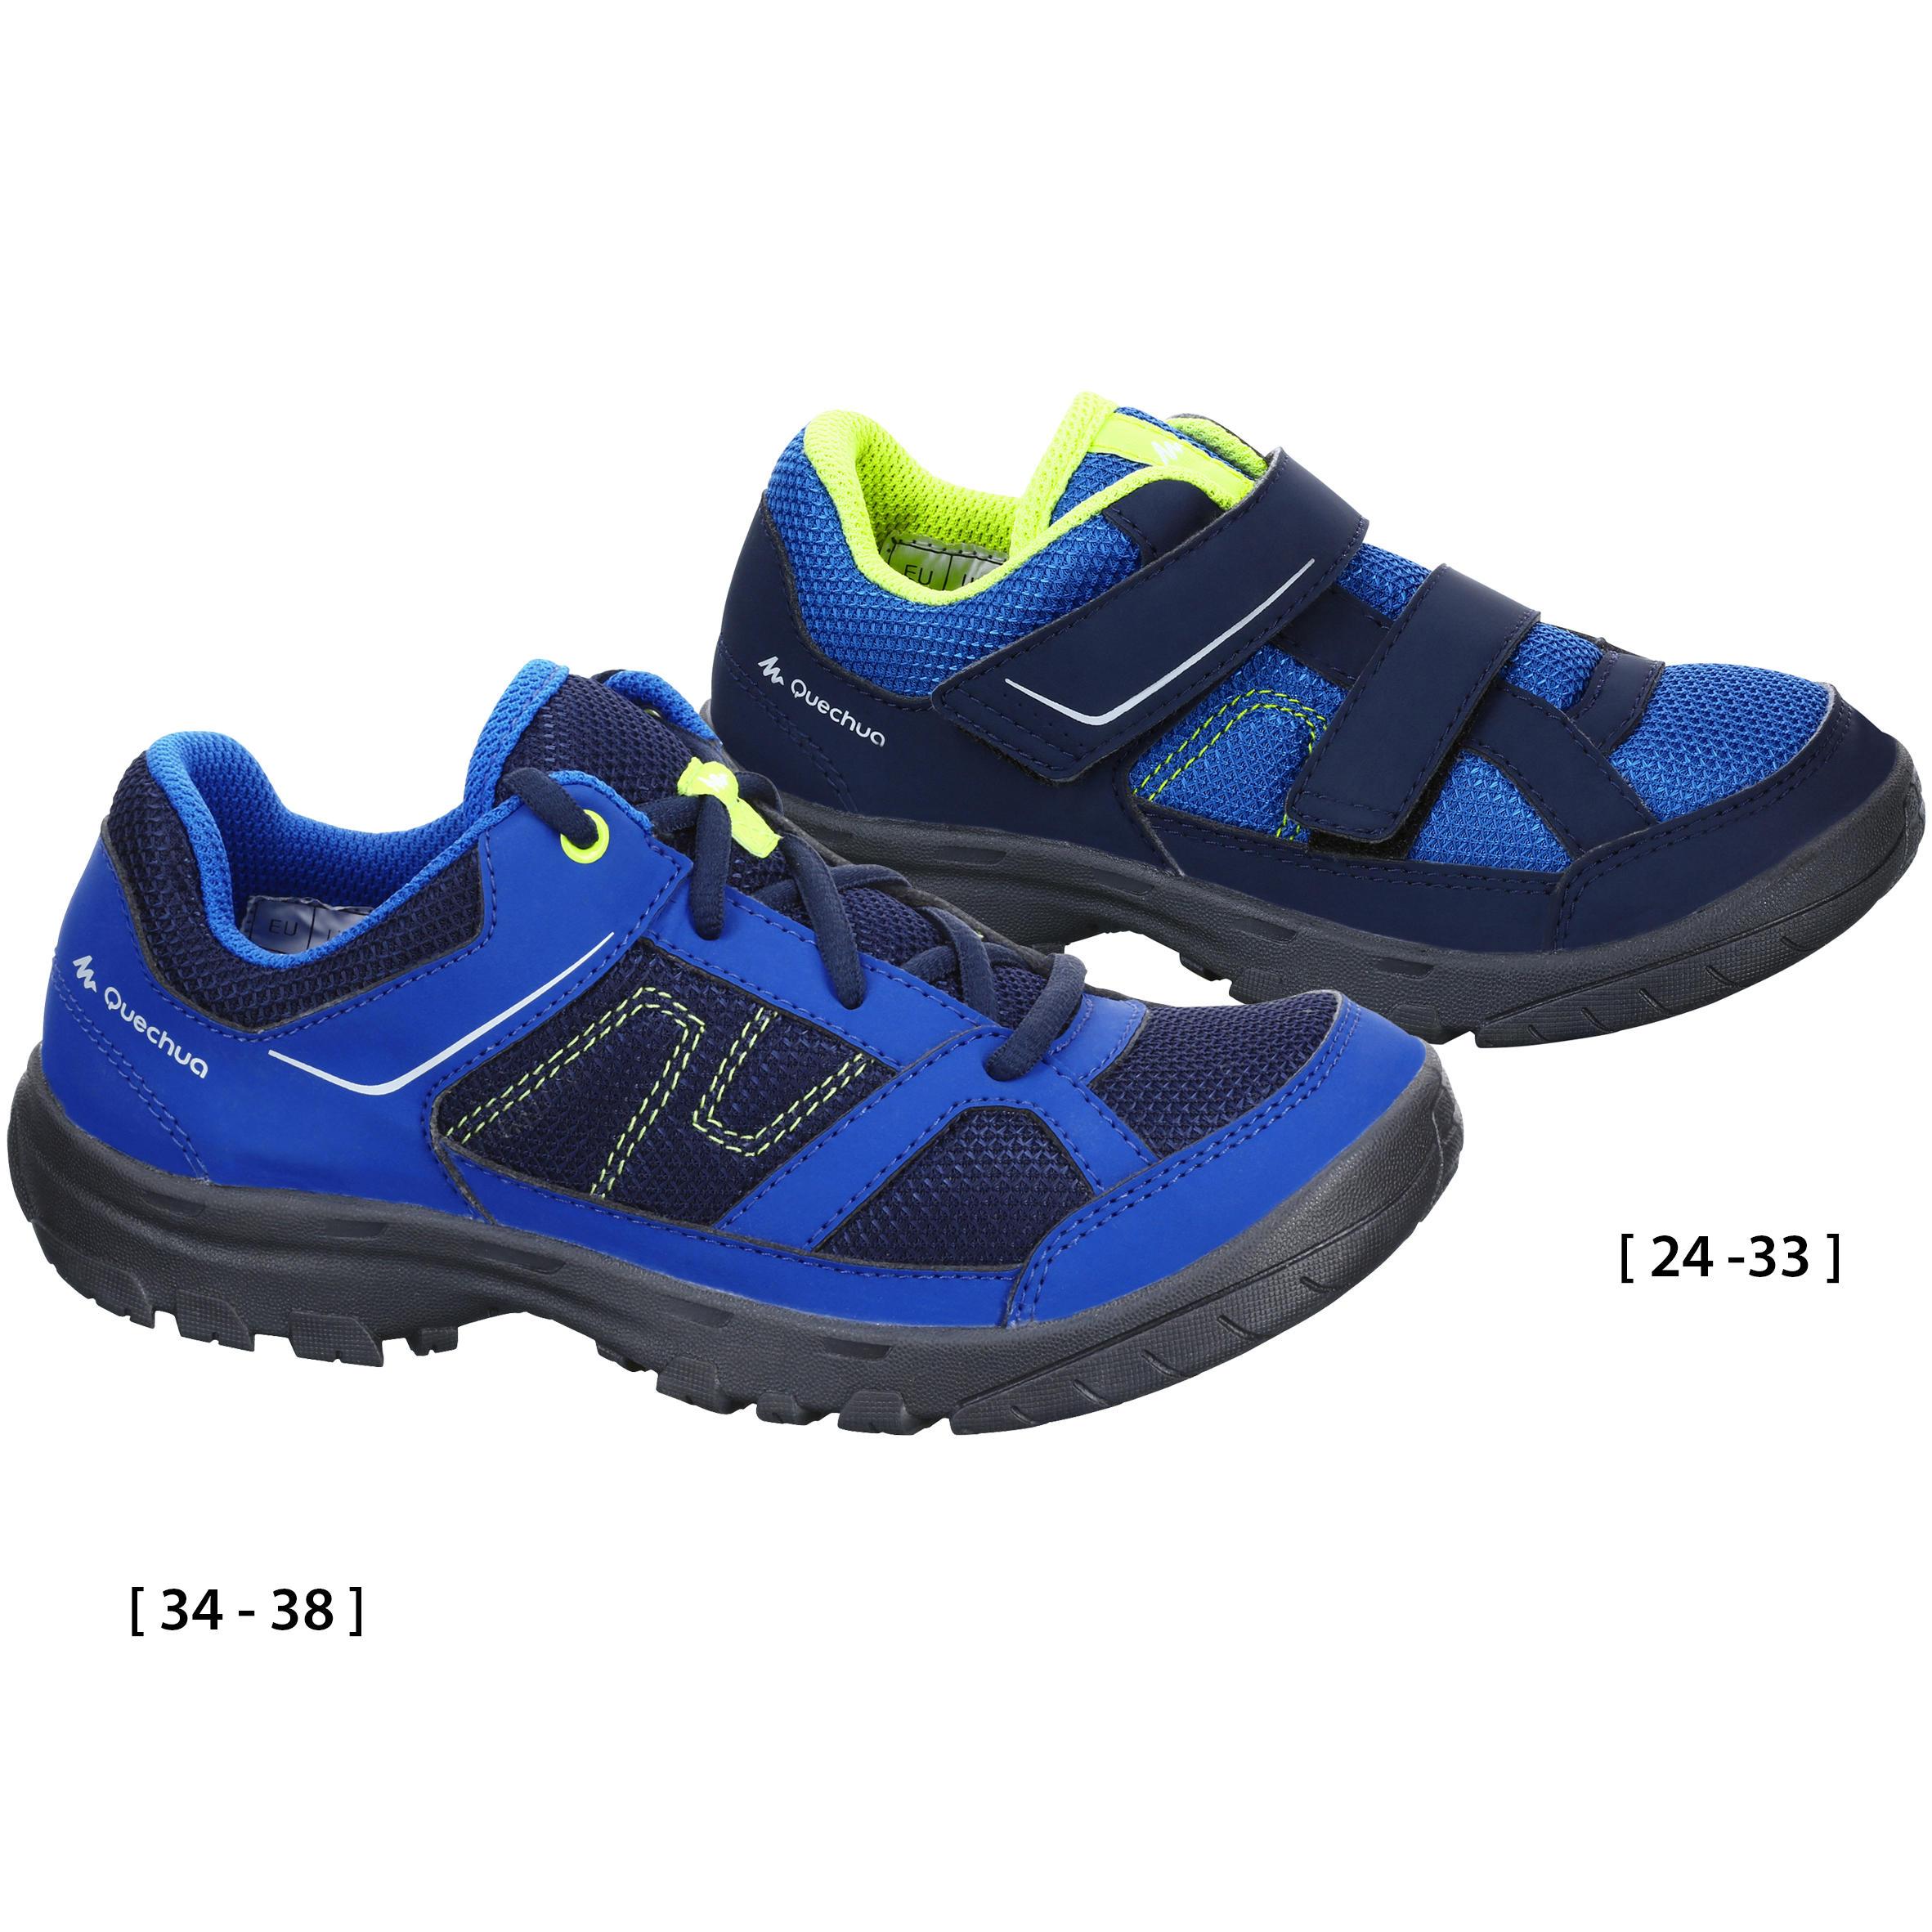 Tenis de senderismo niños NH100 JR Azul